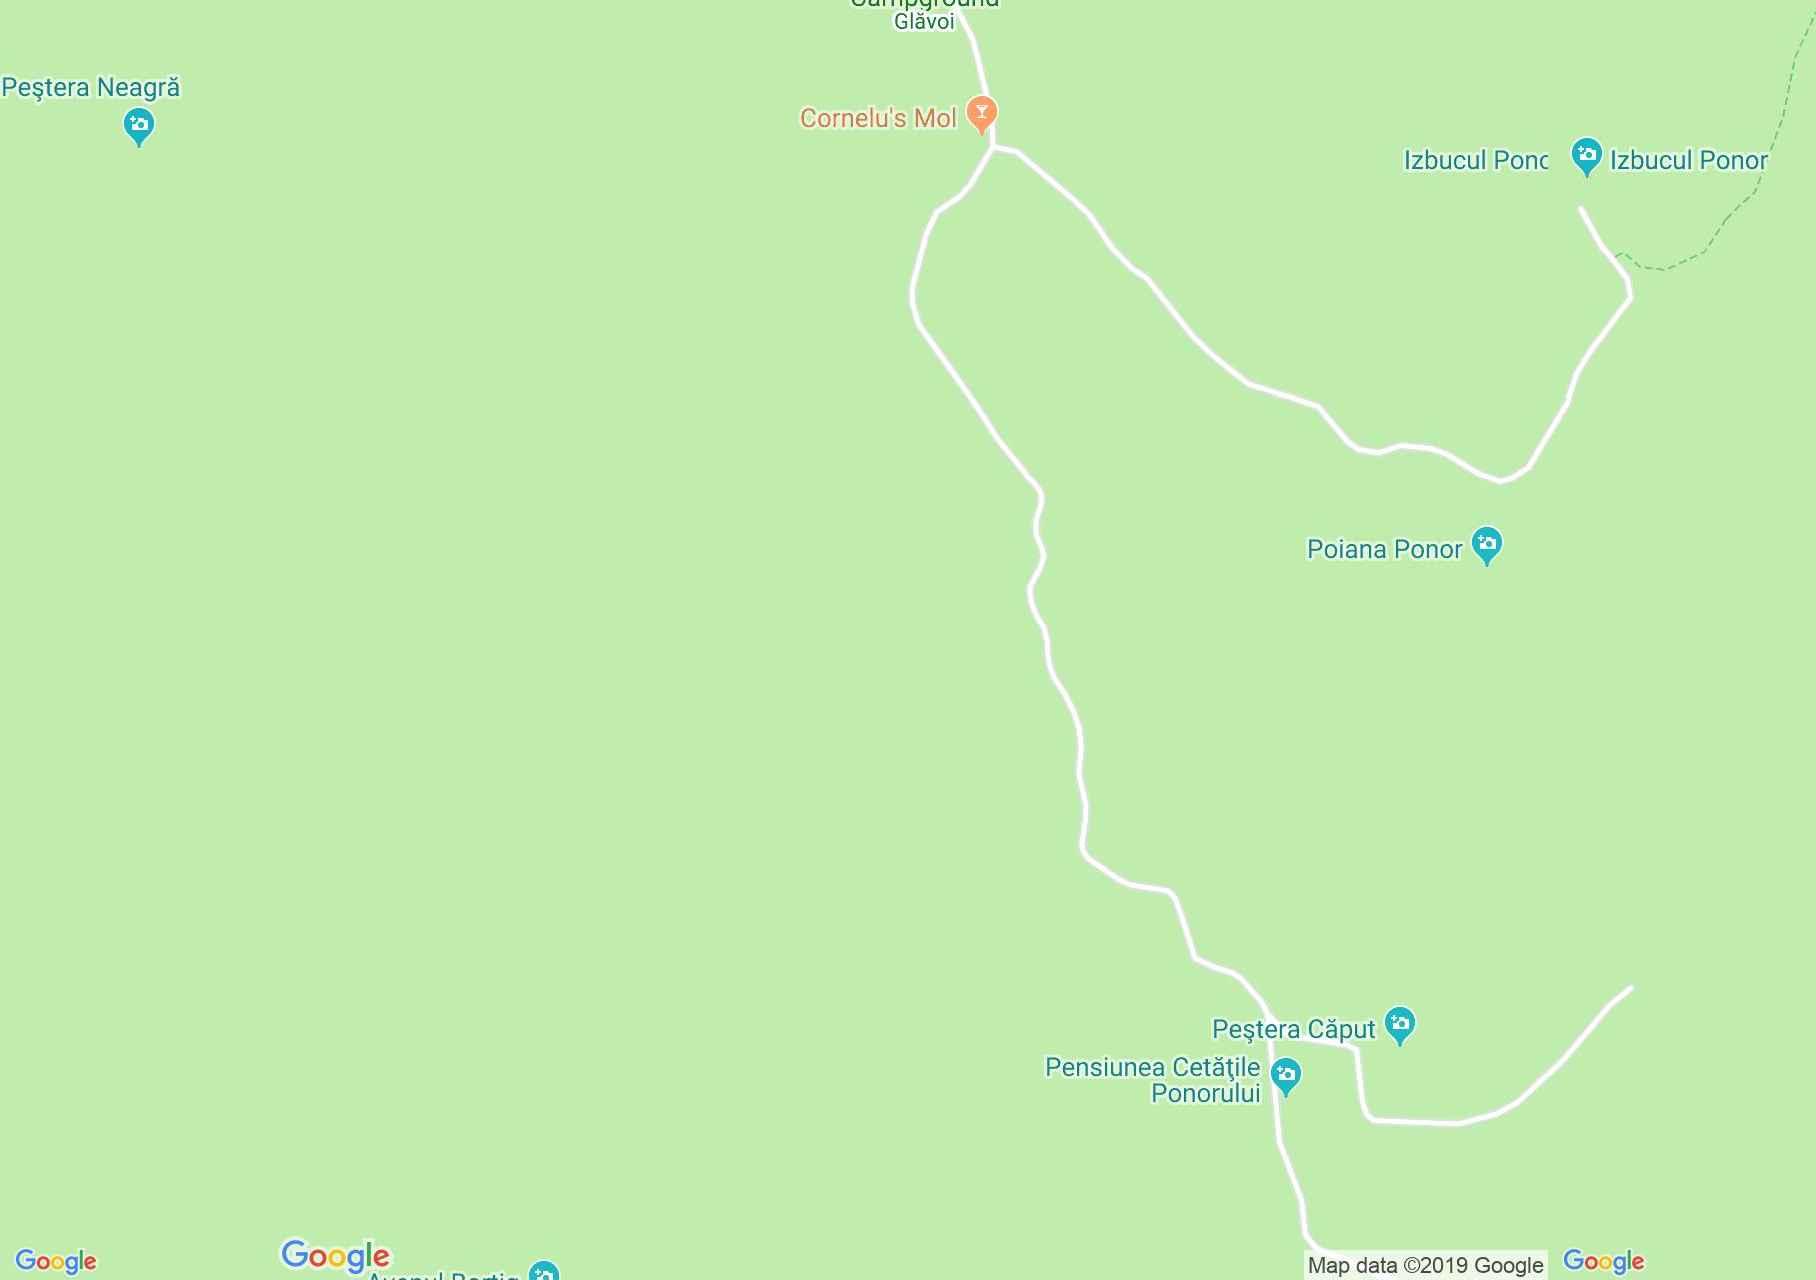 Hartă Bihor-Vlădeasa, Munţii Apuseni: Circuitul Cetăţile Ponorului